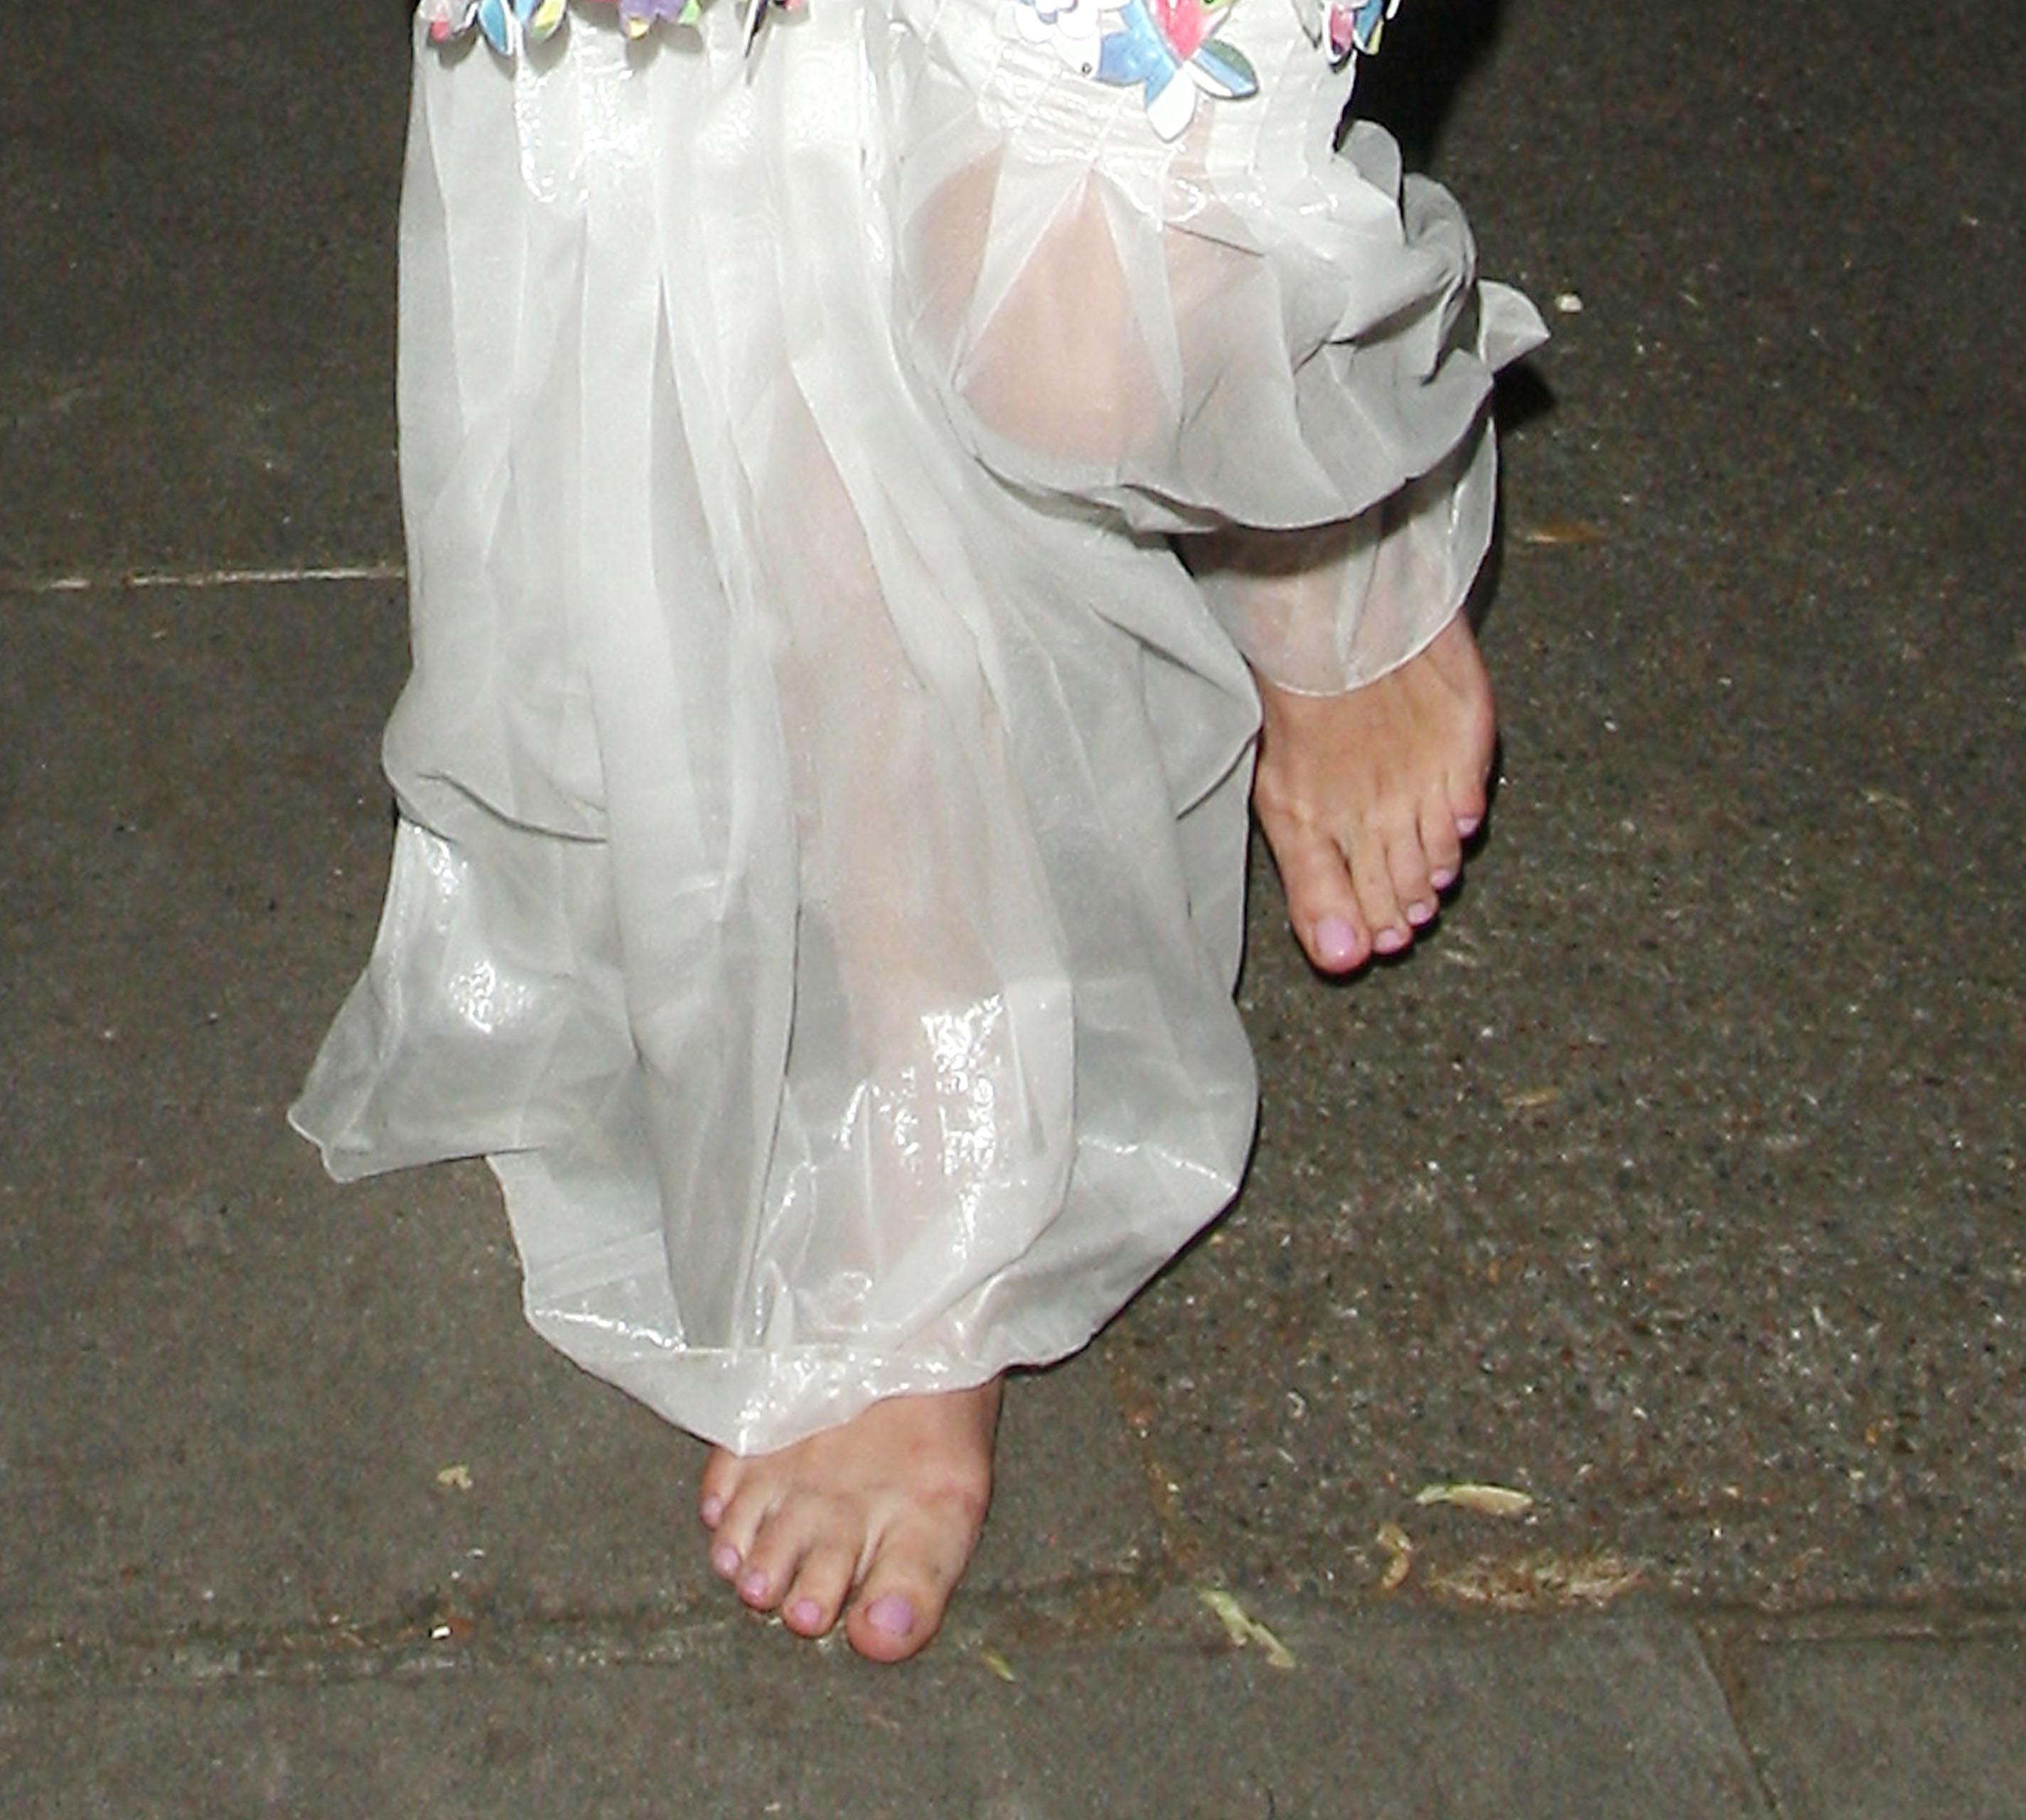 http://pics.wikifeet.com/Keira-Knightley-Feet-1385680.jpg